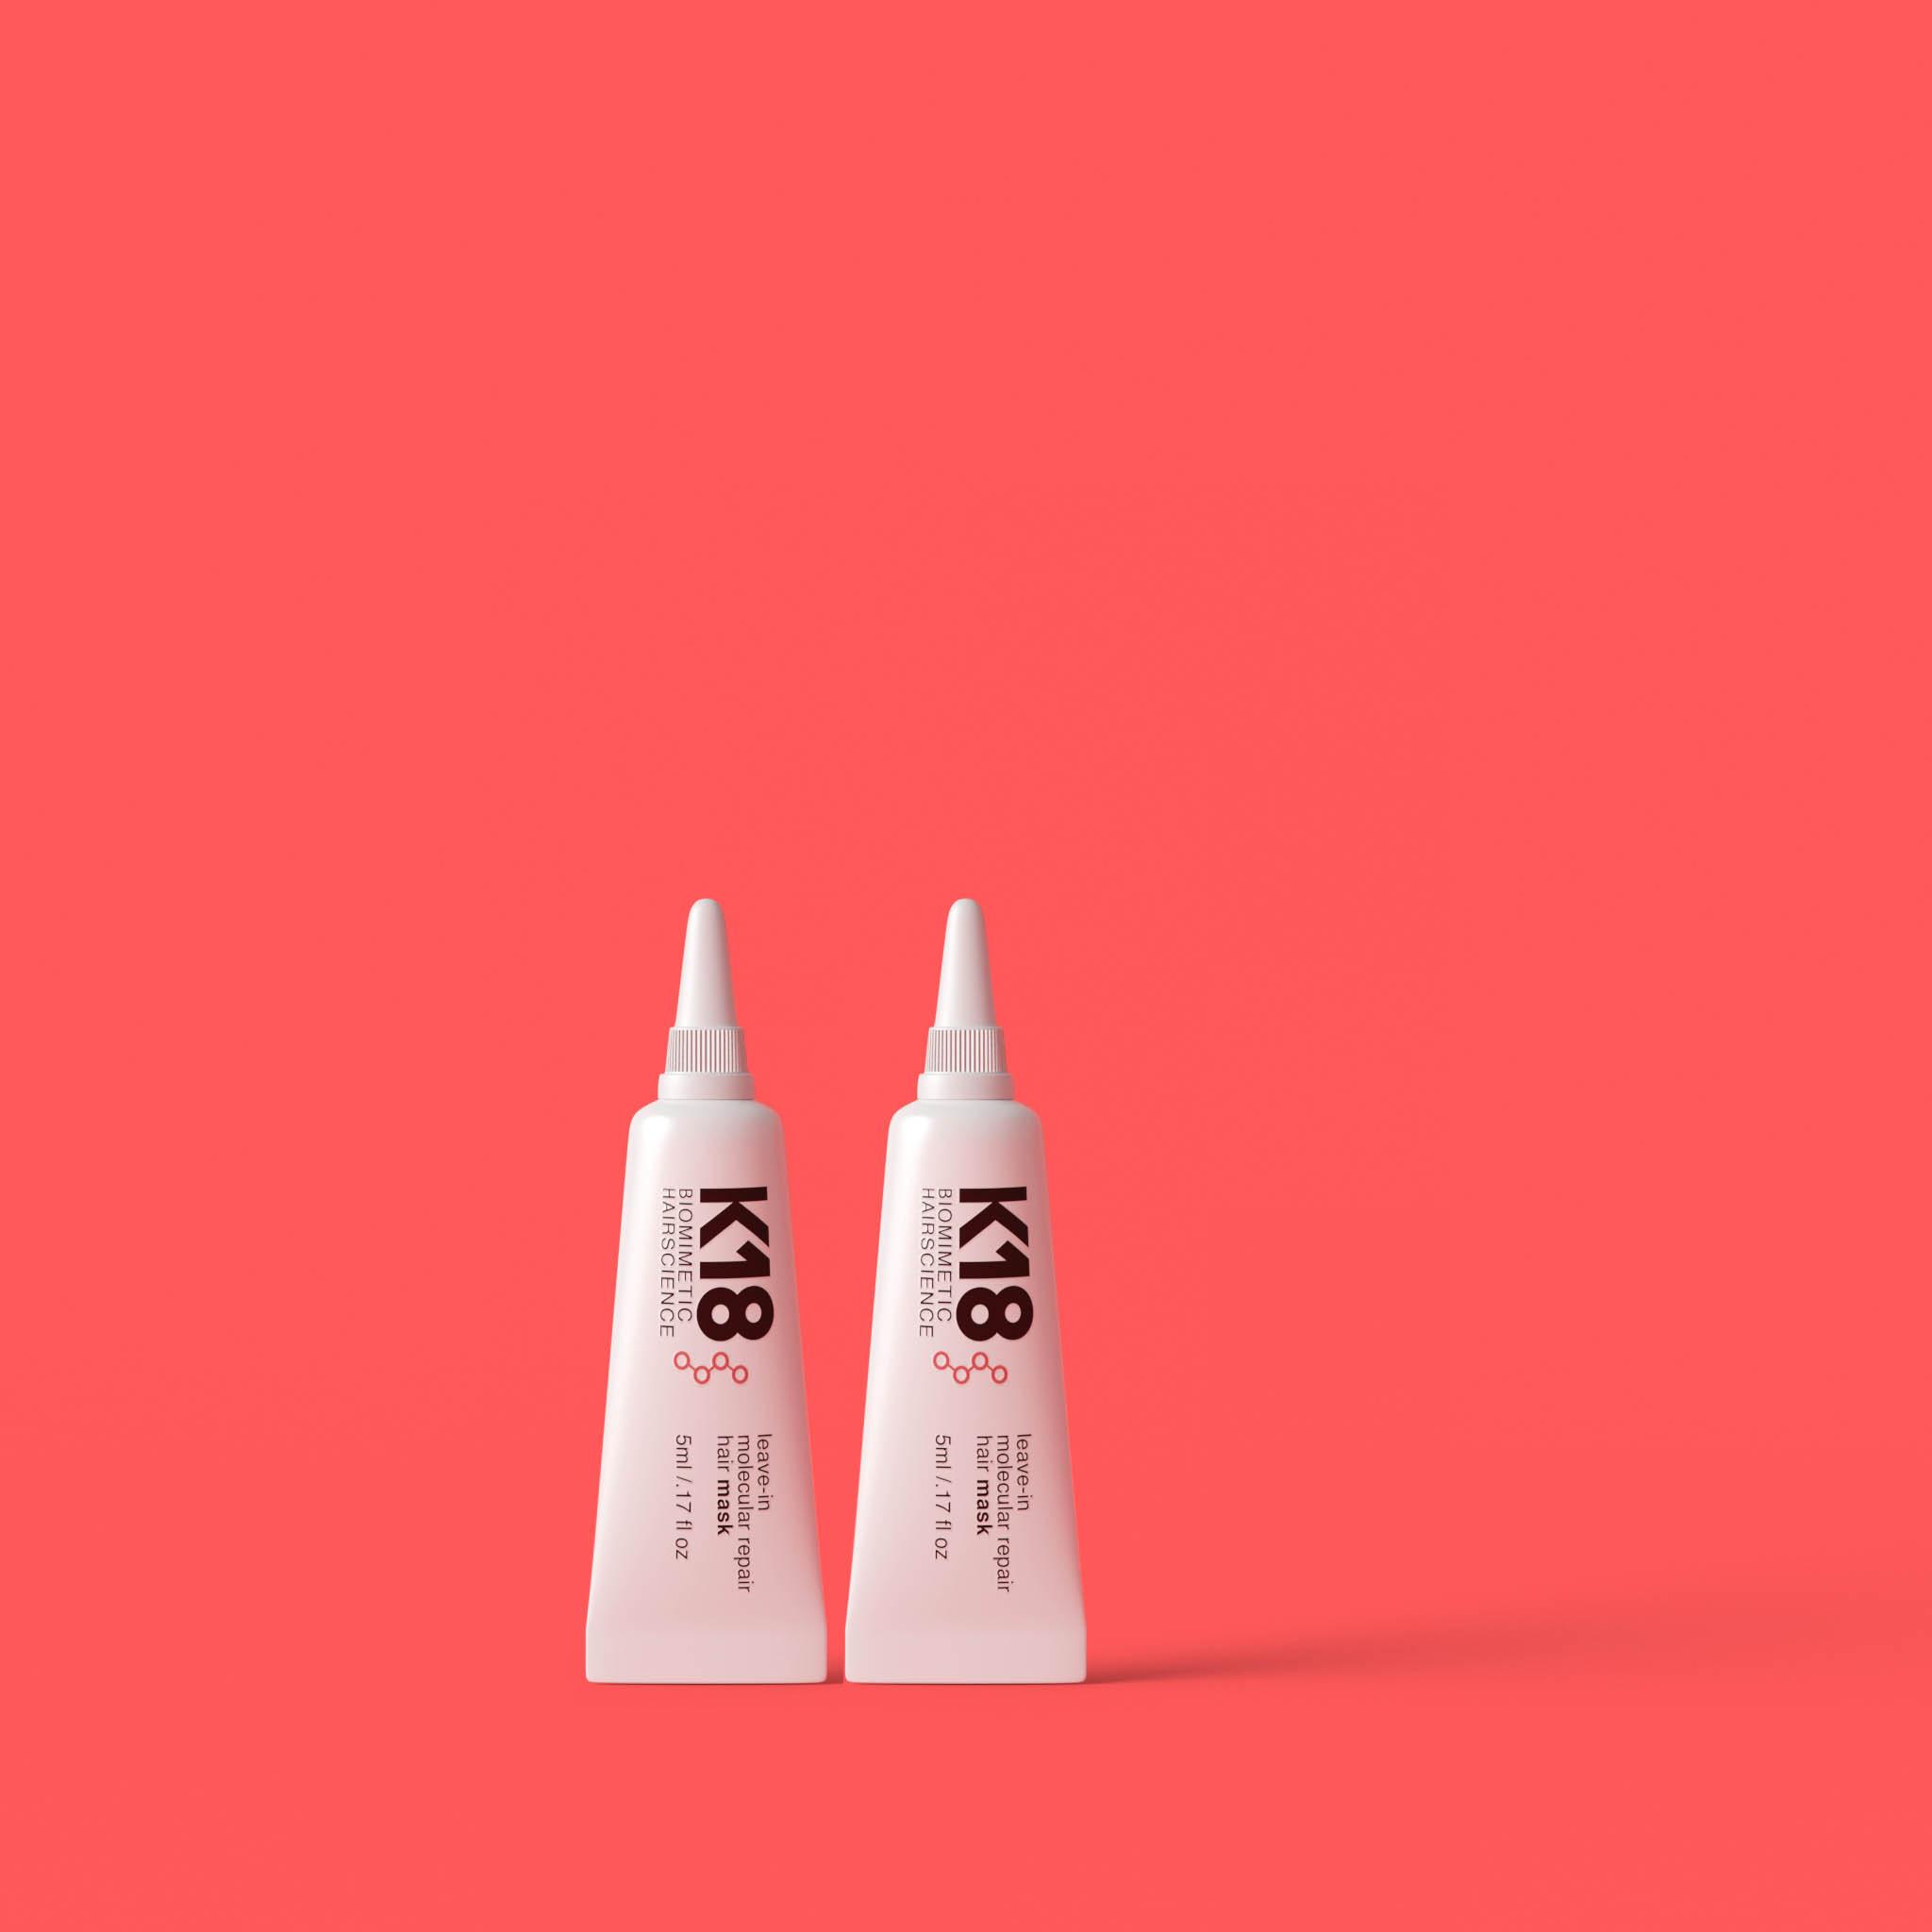 K18 Leave-in Molecular Repair Hair MASK 2 x 5ml DUO DEAL